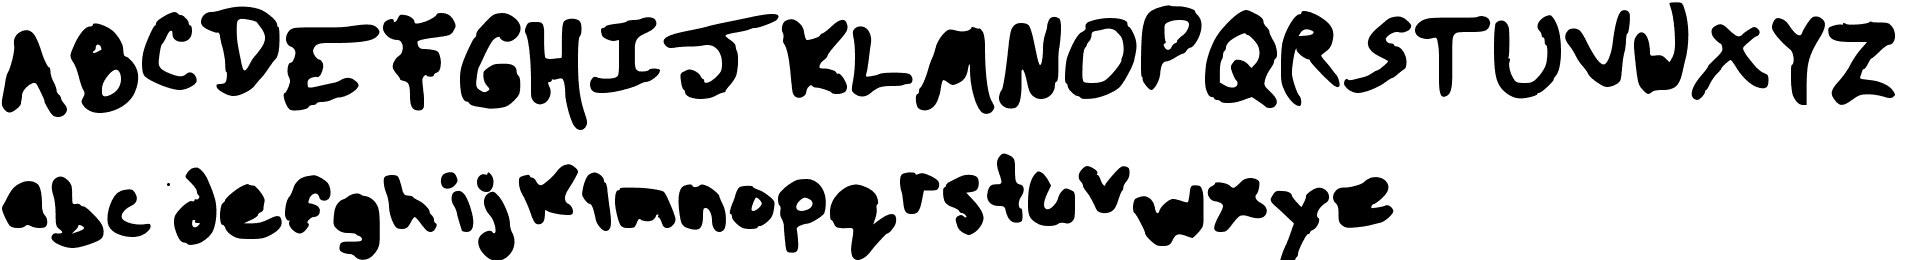 The Kool Font